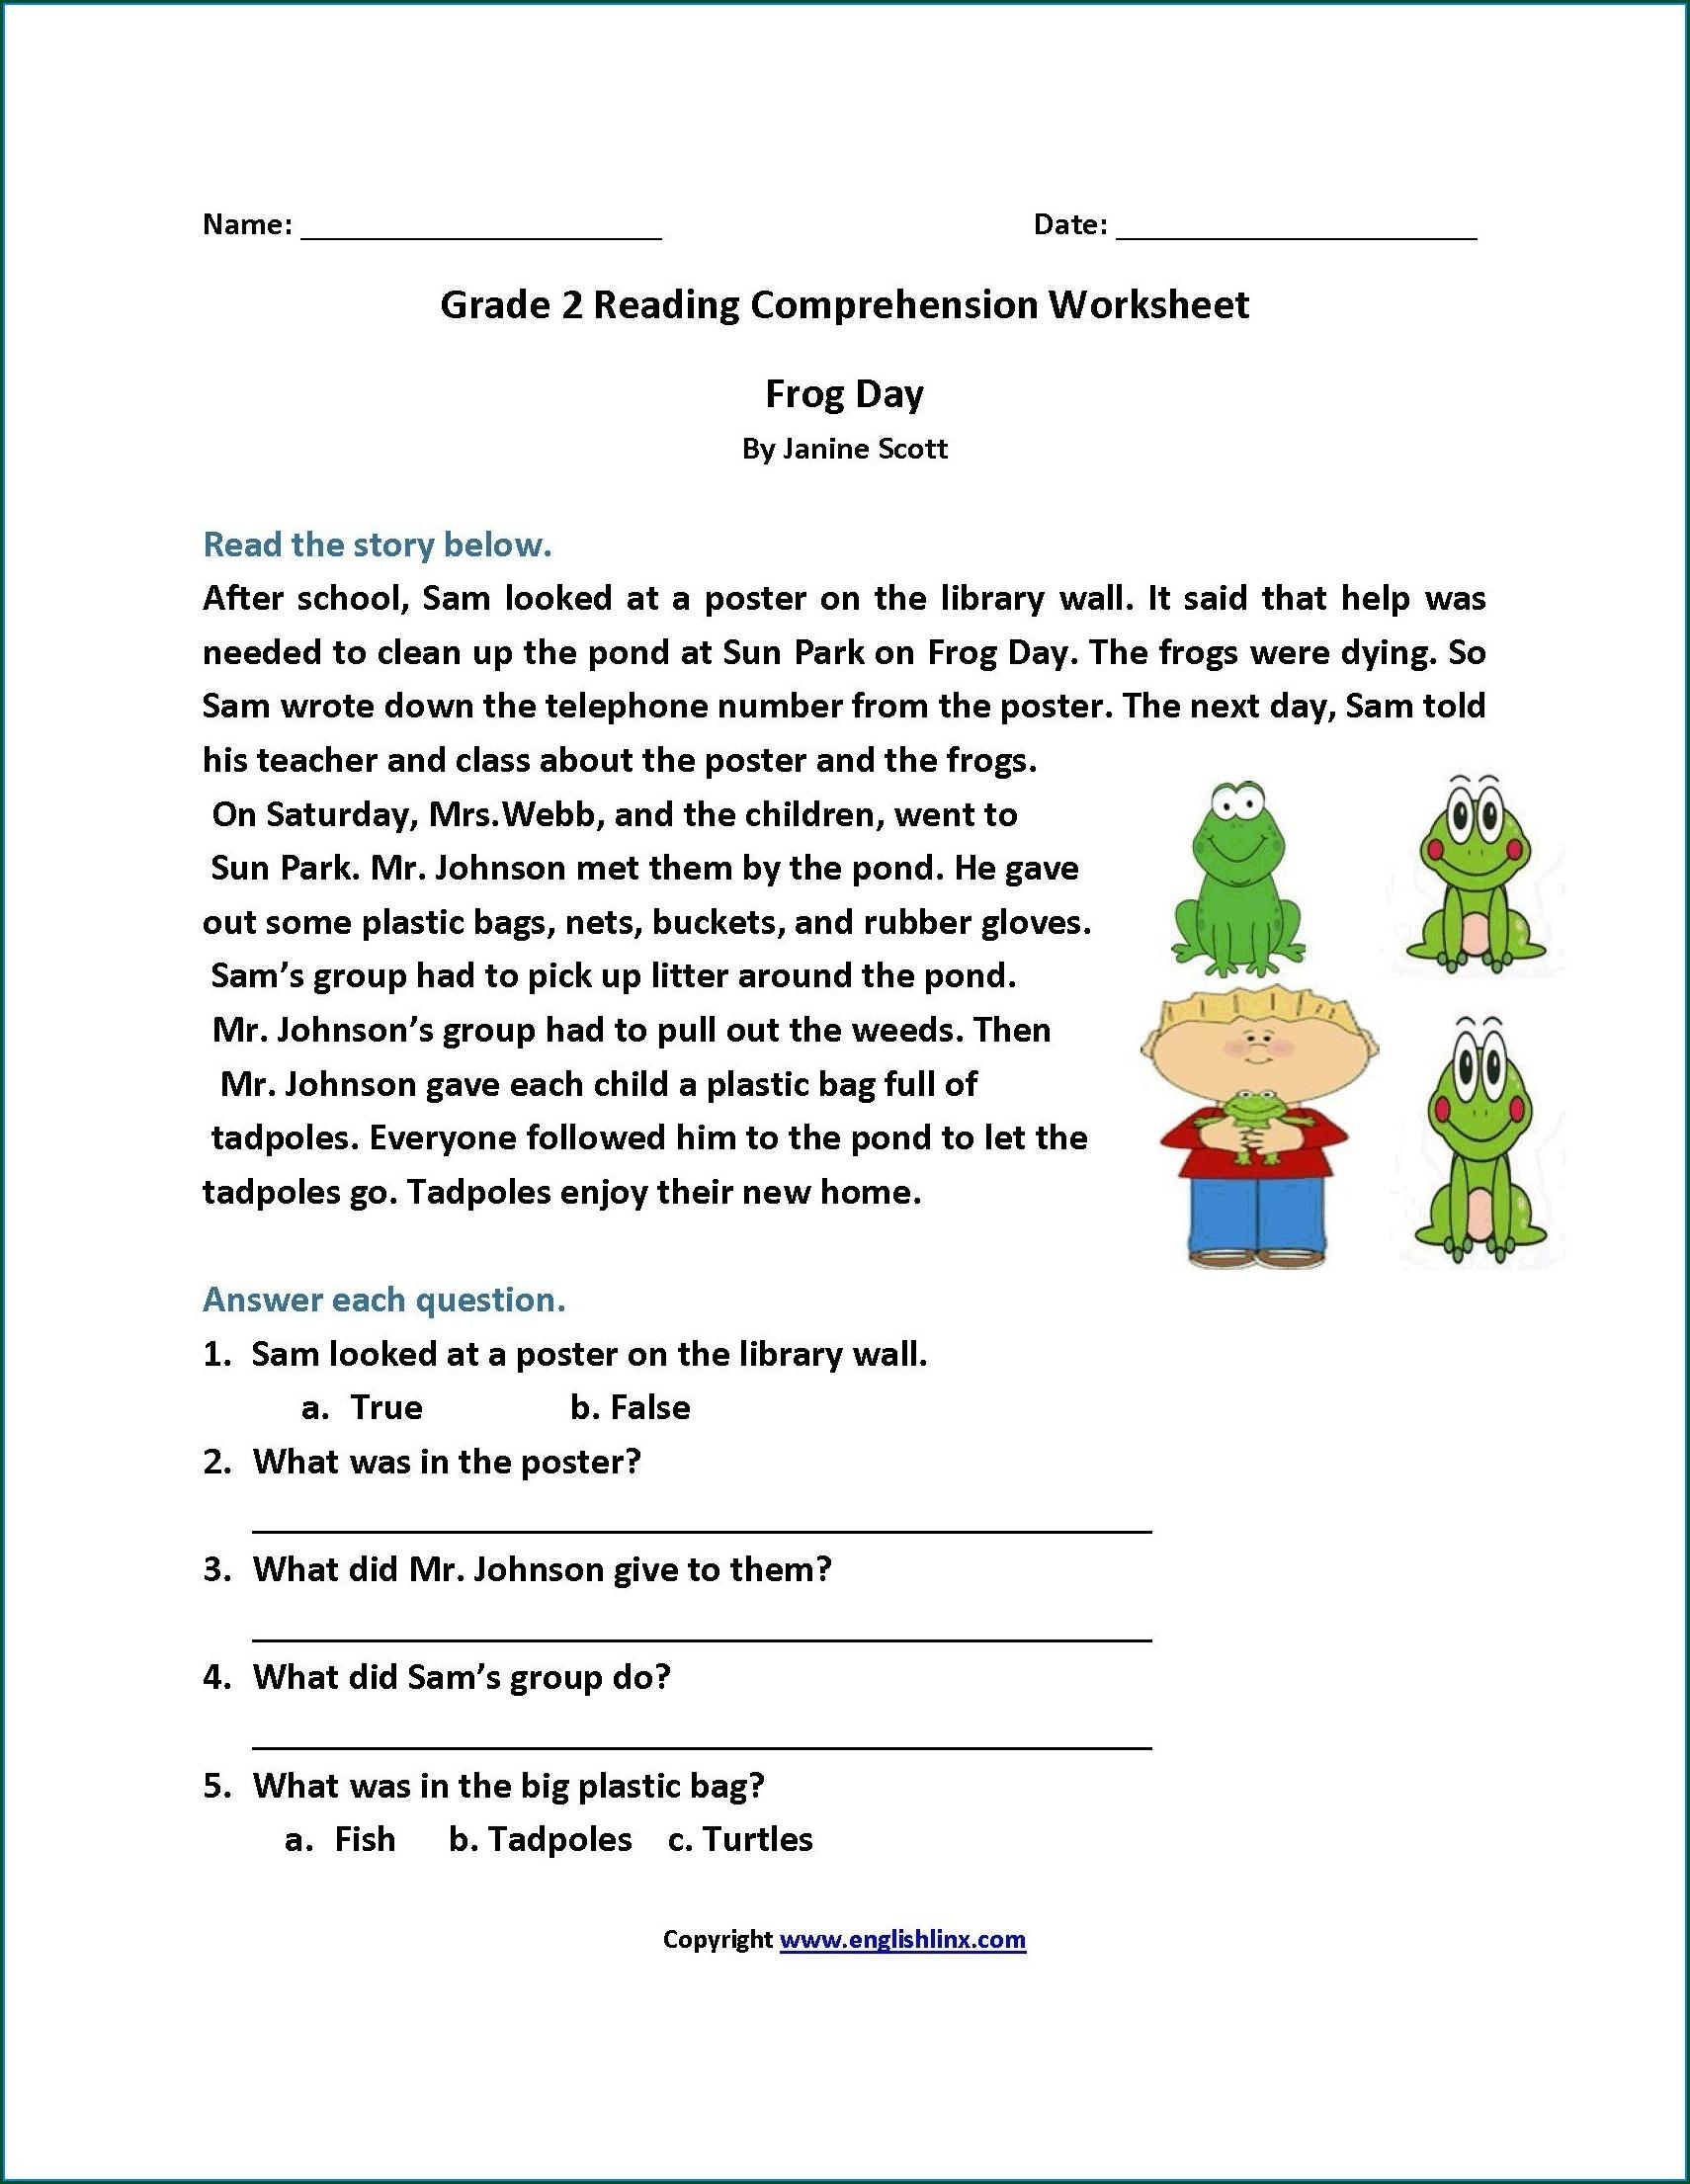 Printable Reading Comprehension Worksheets For Grade 2